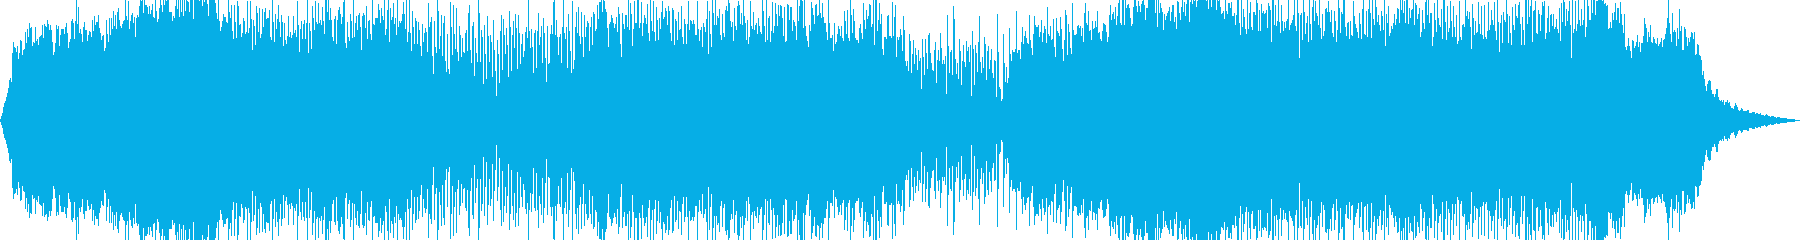 電気楽器。きらめくシンセレイヤーを...の再生済みの波形